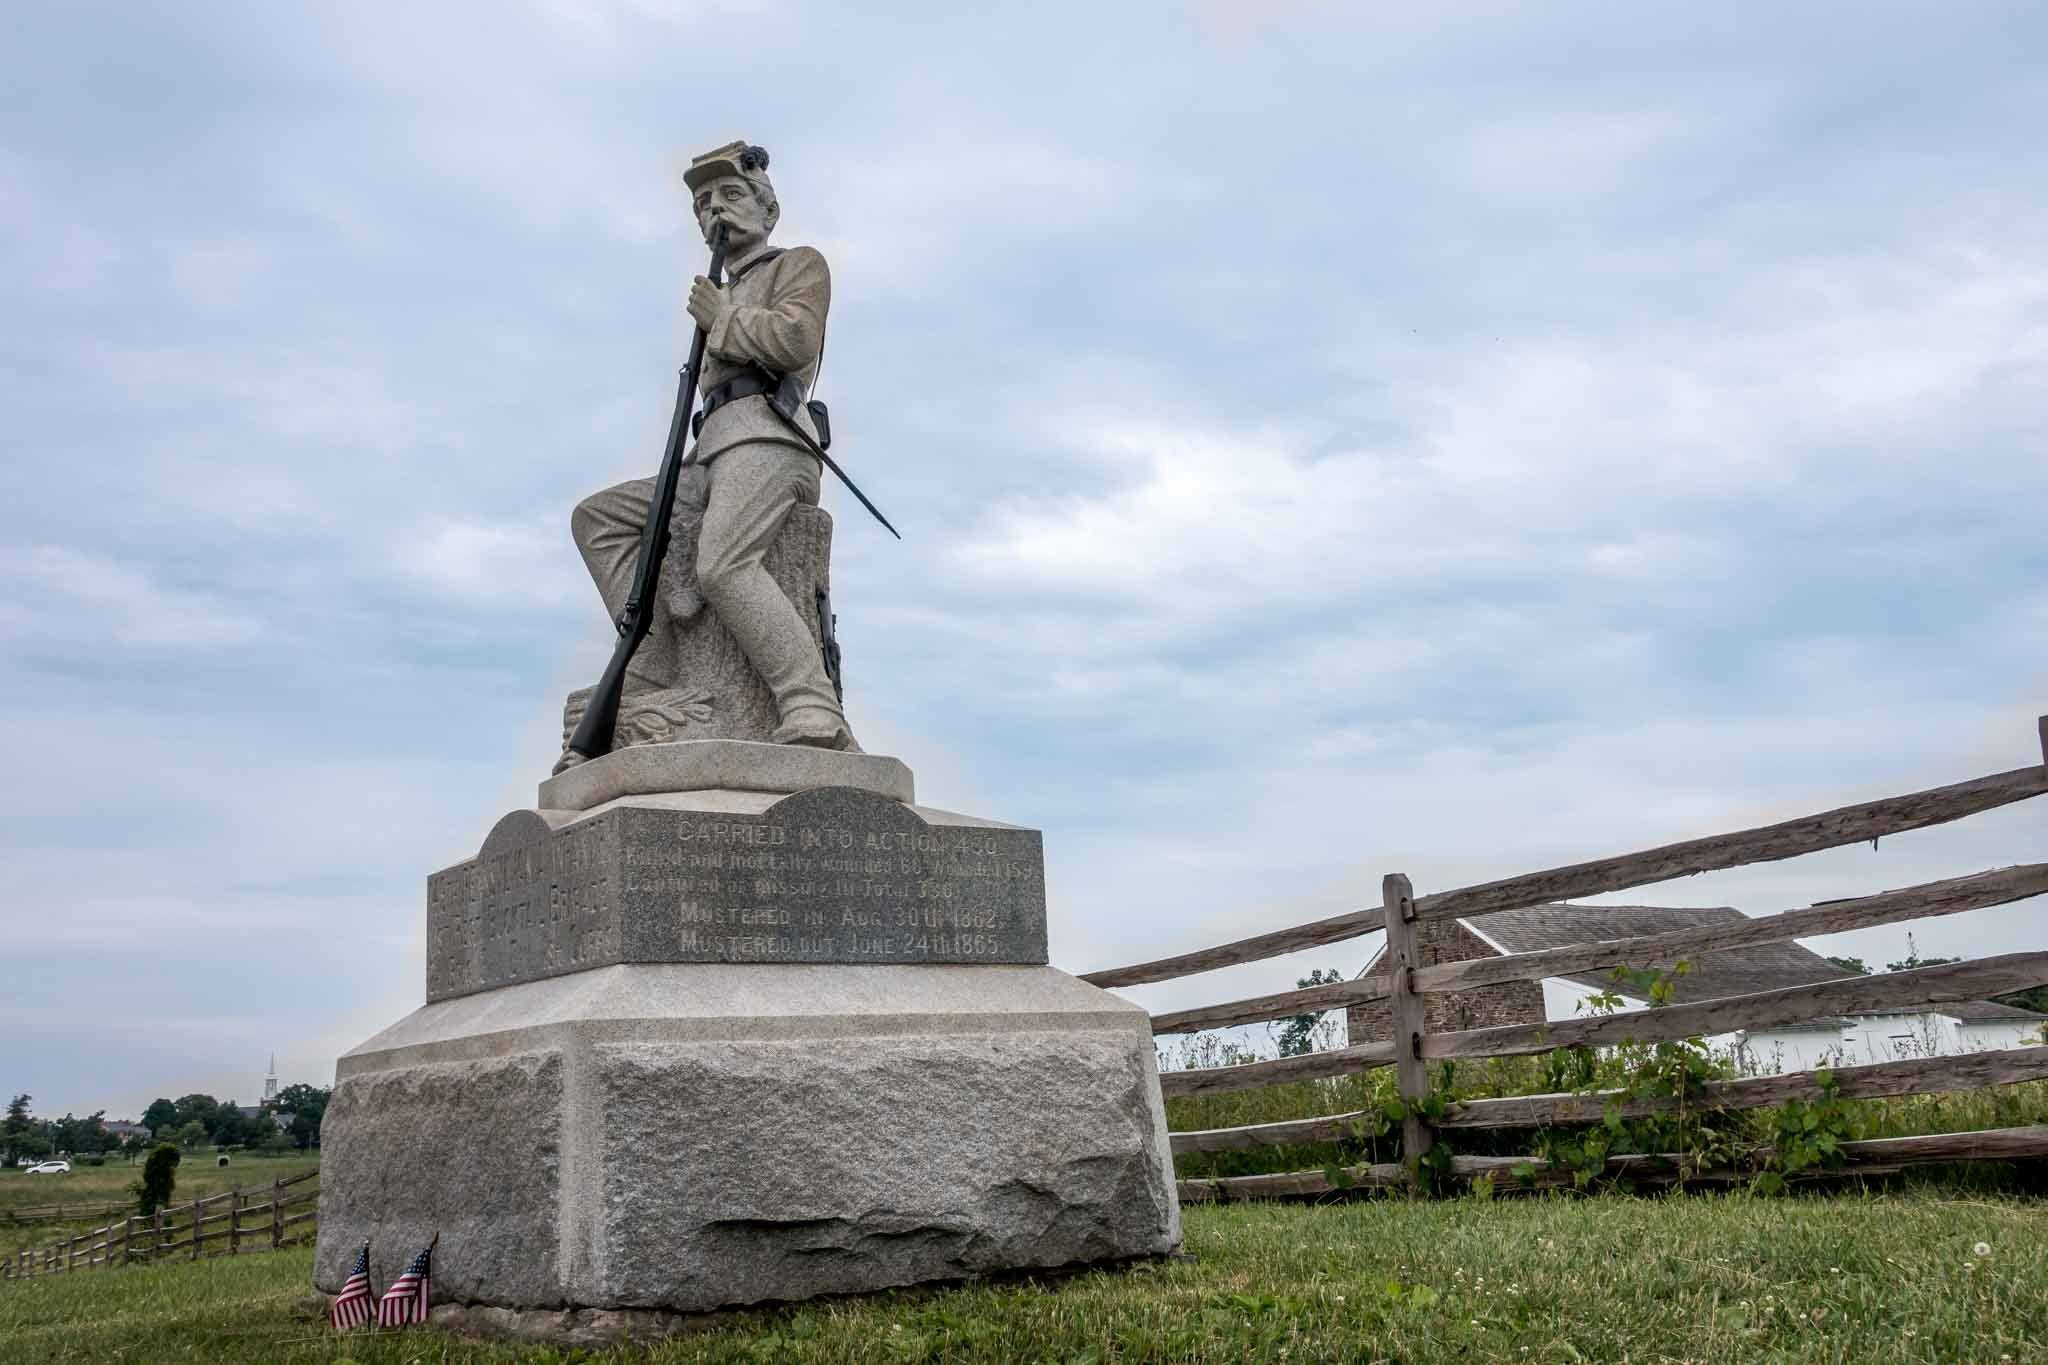 Statue of a Civil War soldier holding a gun